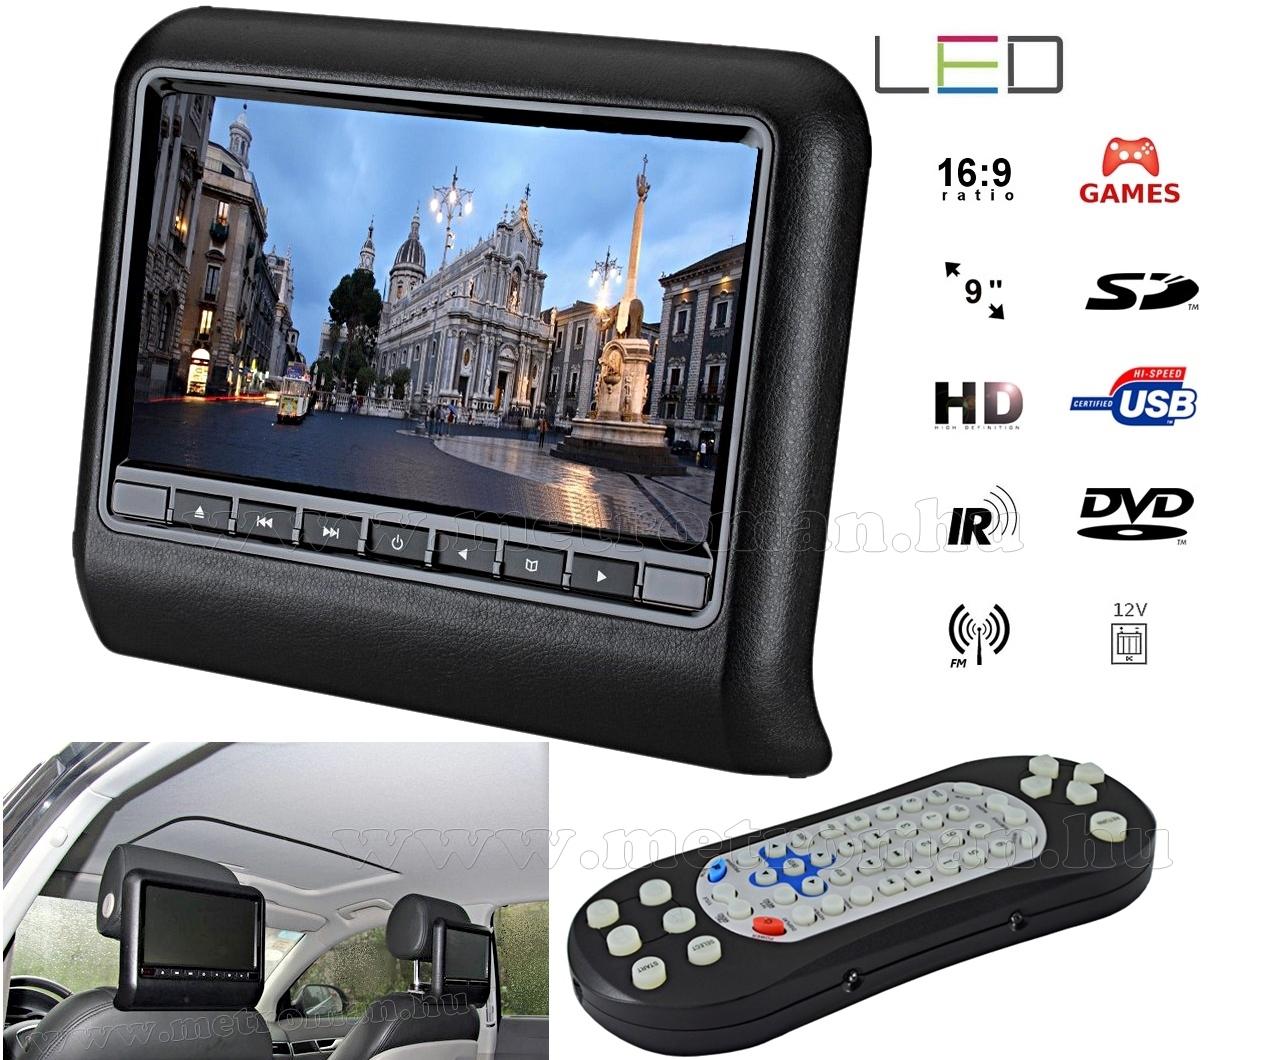 Autós fejtámla LCD monitor DVD/USB/SD MP3 és Multimédia lejátszó MM-9917N